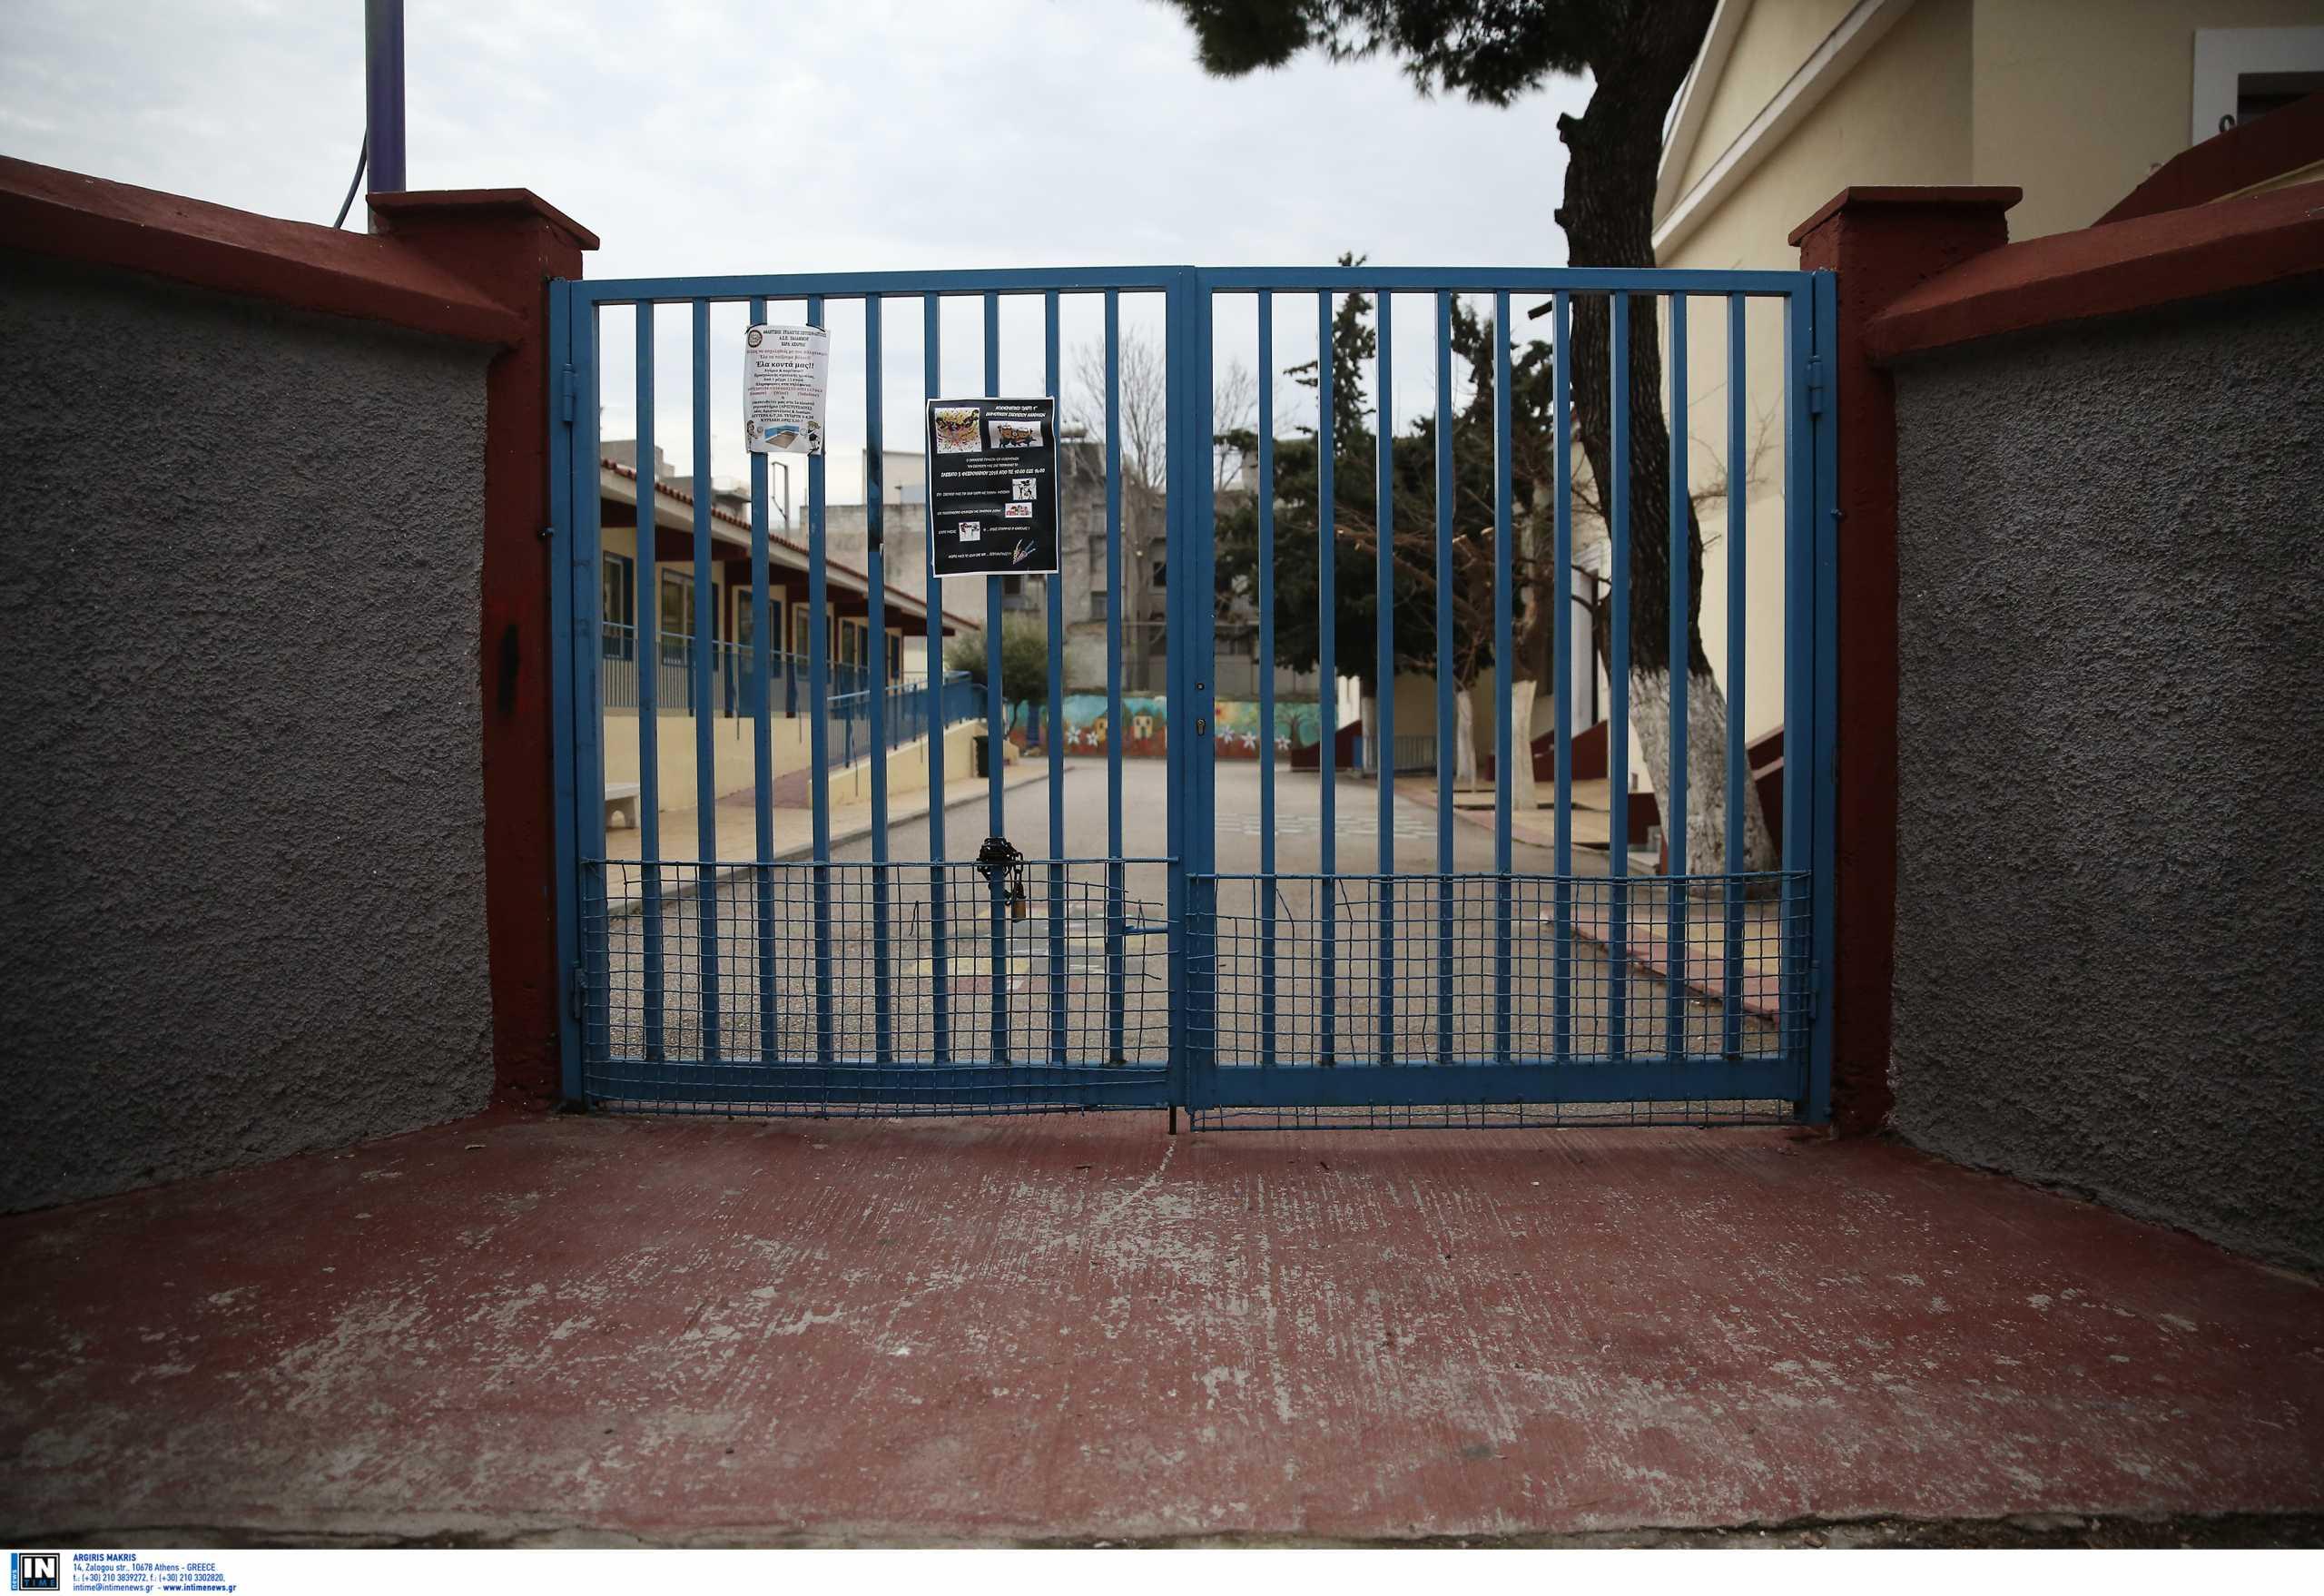 Θάνατος μαθητή από αδέσποτη σφαίρα: Επανεξέταση ζητεί ο Χρήστος Σταϊκούρας